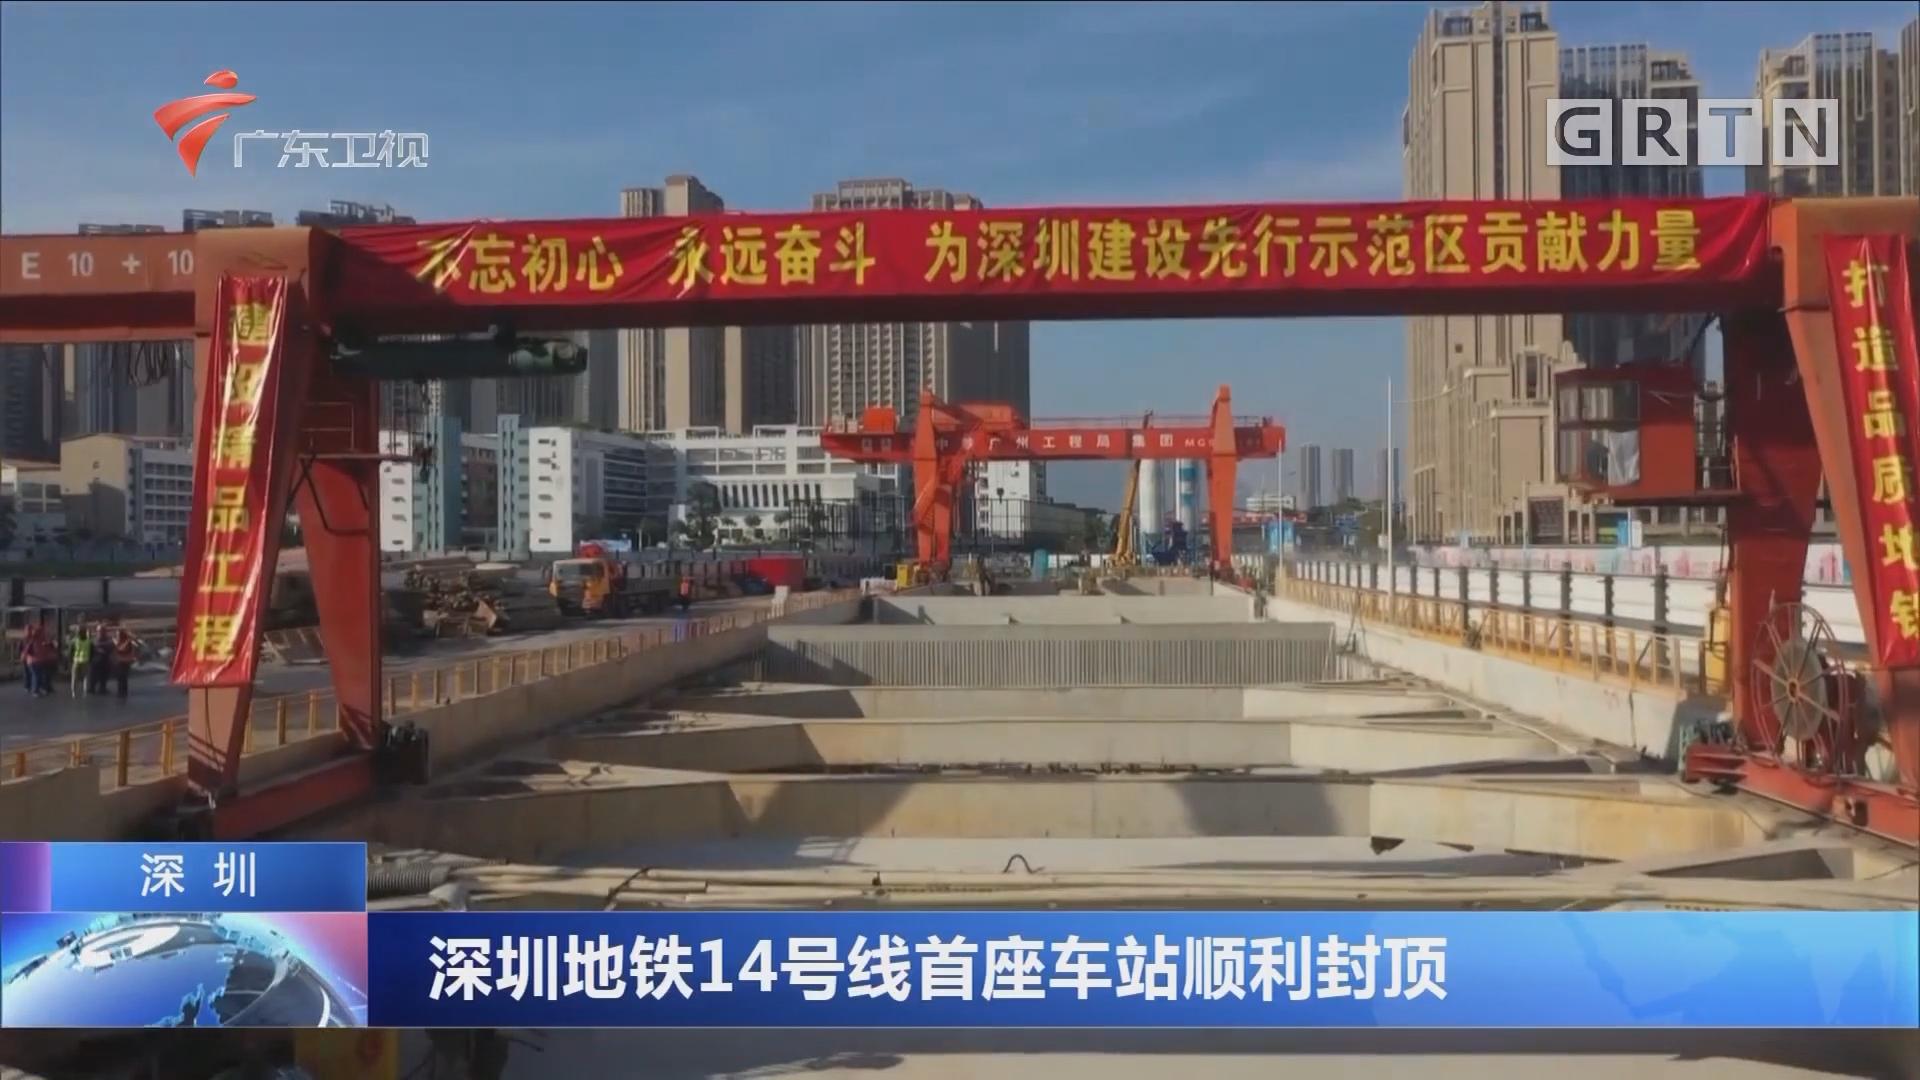 深圳 深圳地铁14号线首座车站顺利封顶